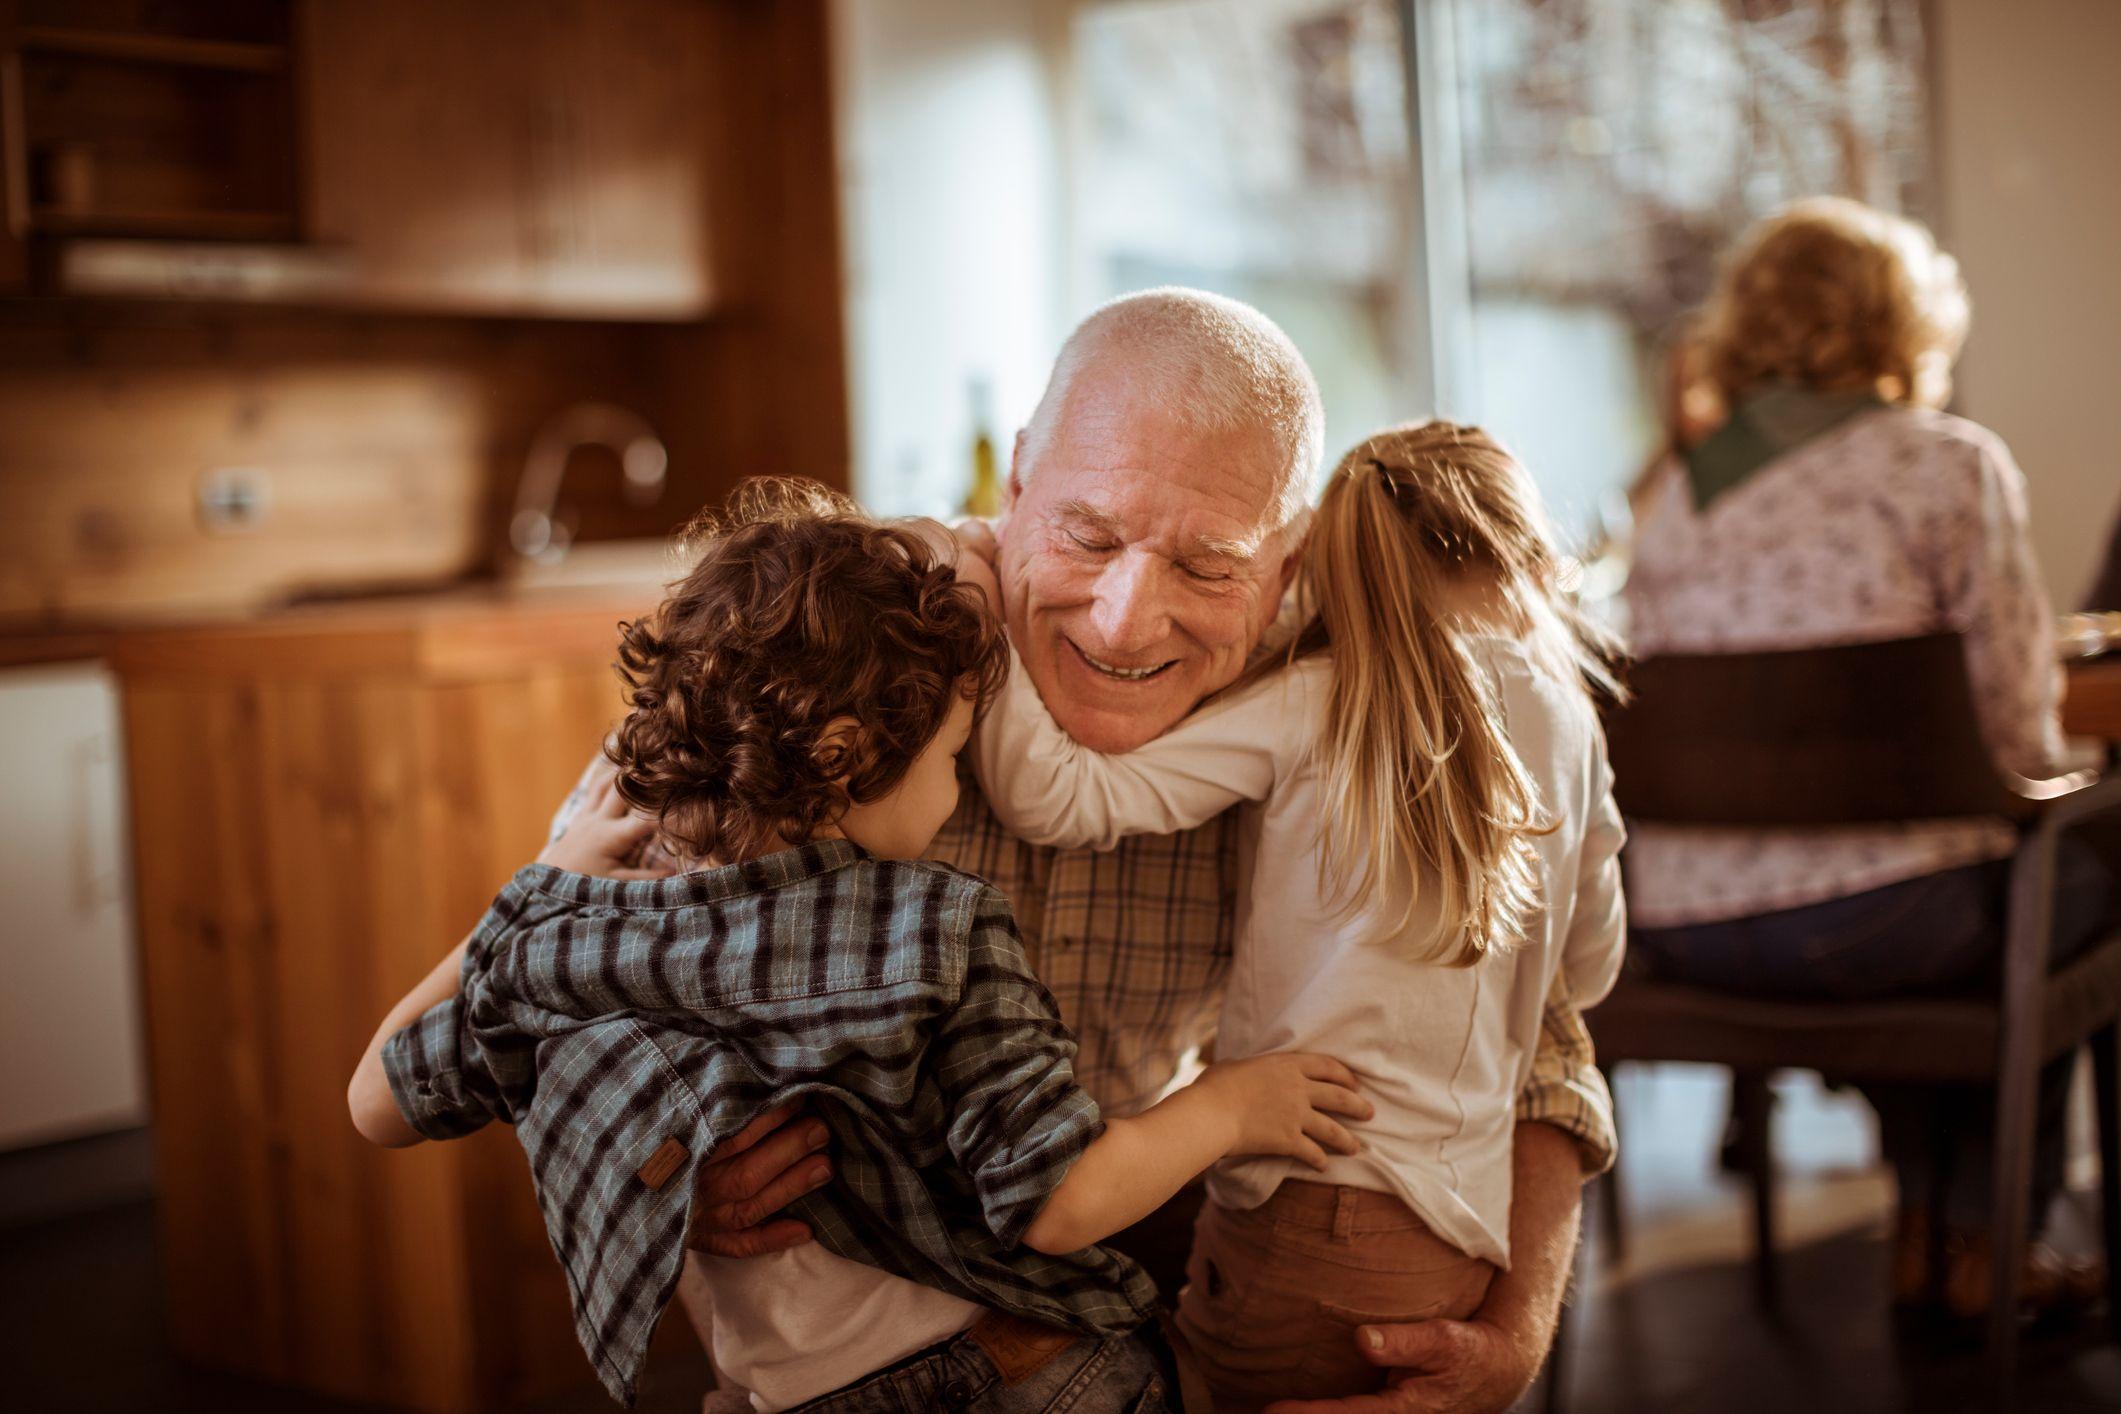 Grandpa hugging two small children